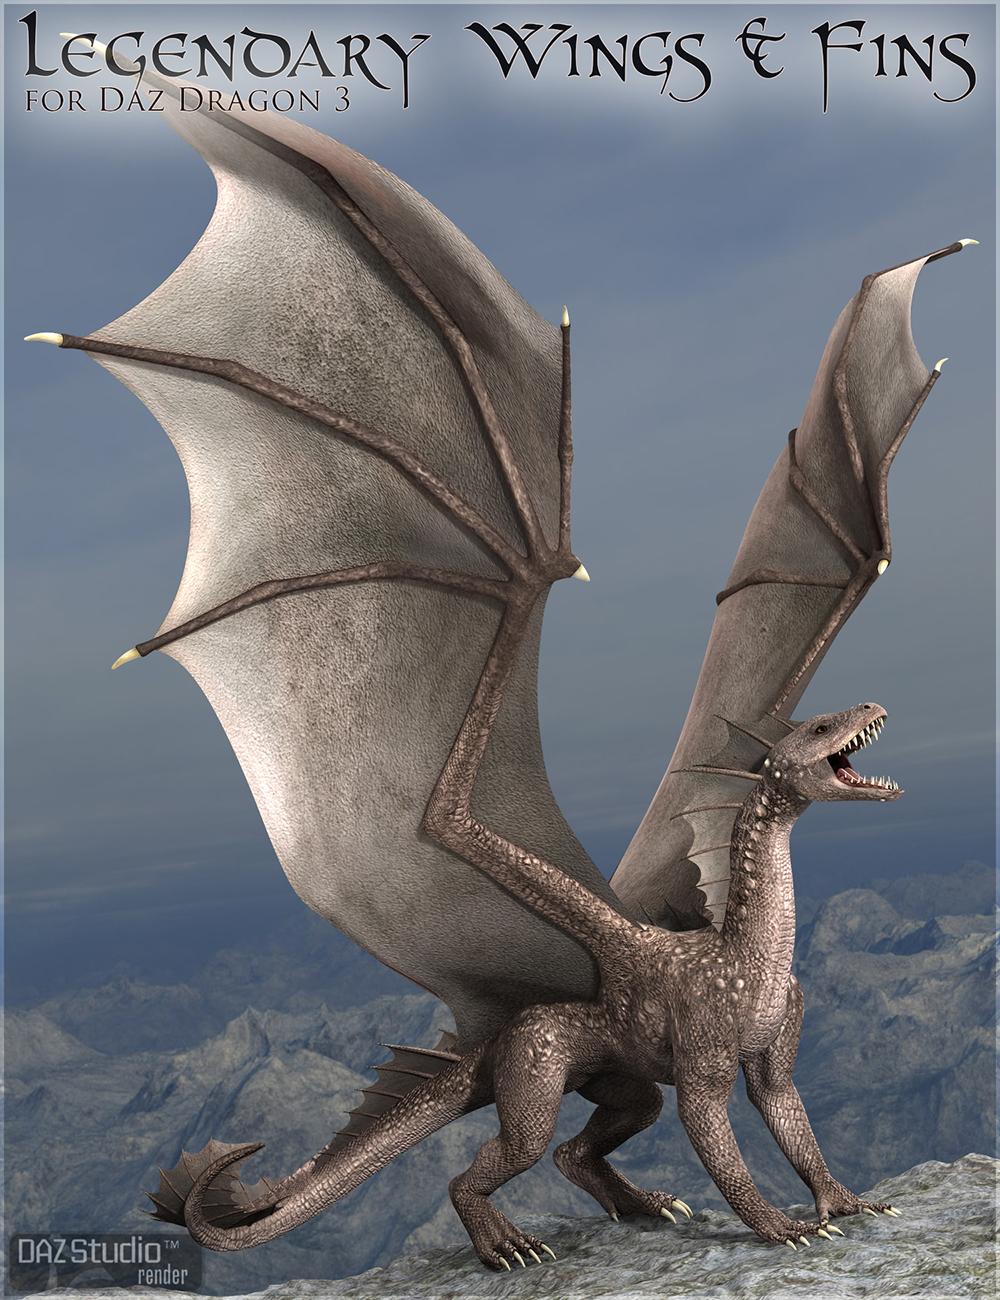 Legendary Wings & Fins HD for DAZ Dragon 3 by: DarioFish, 3D Models by Daz 3D